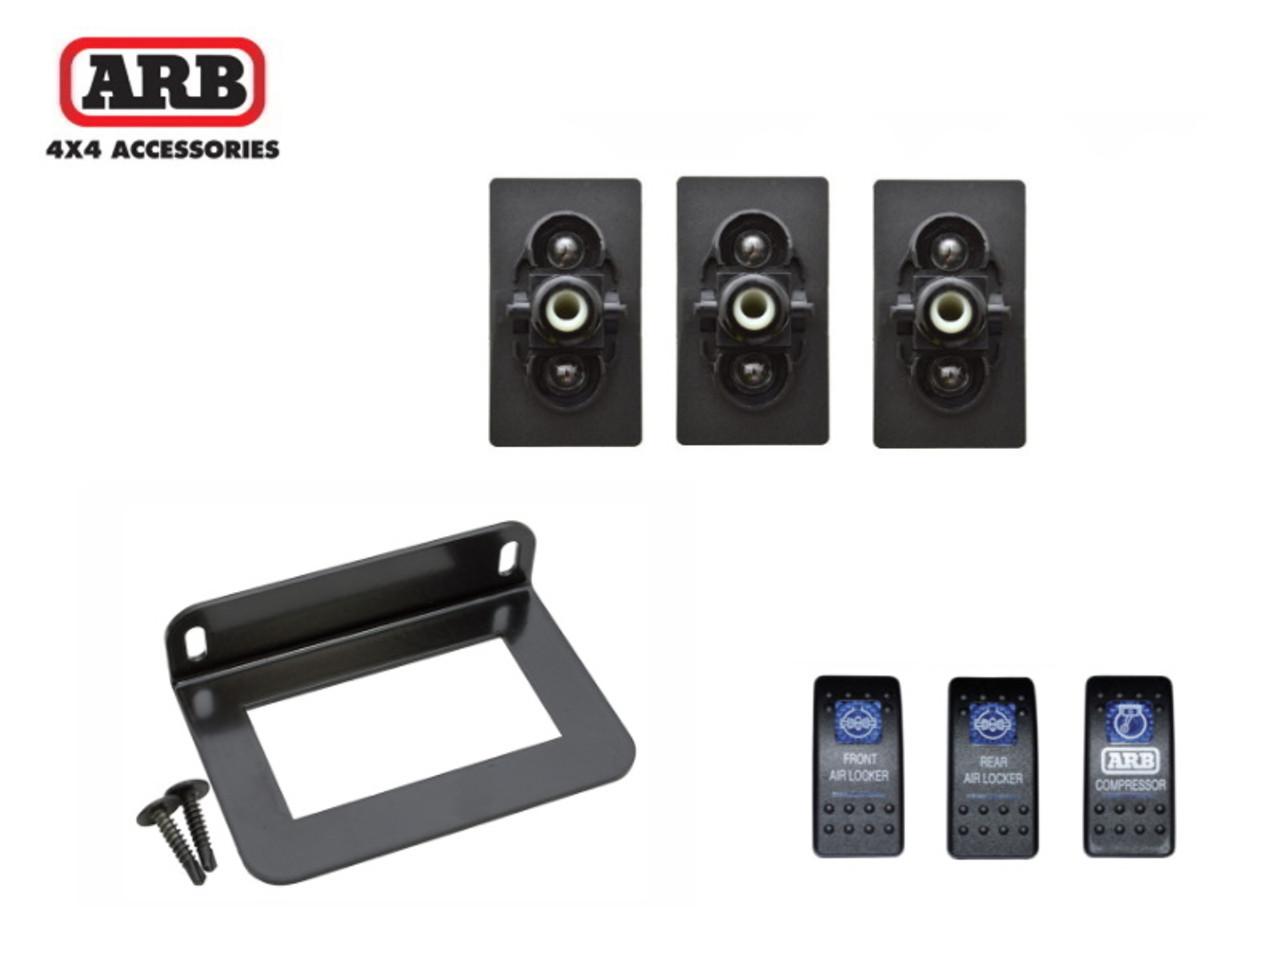 ARB Switch Bracket With 3 Switches - DA8961KIT